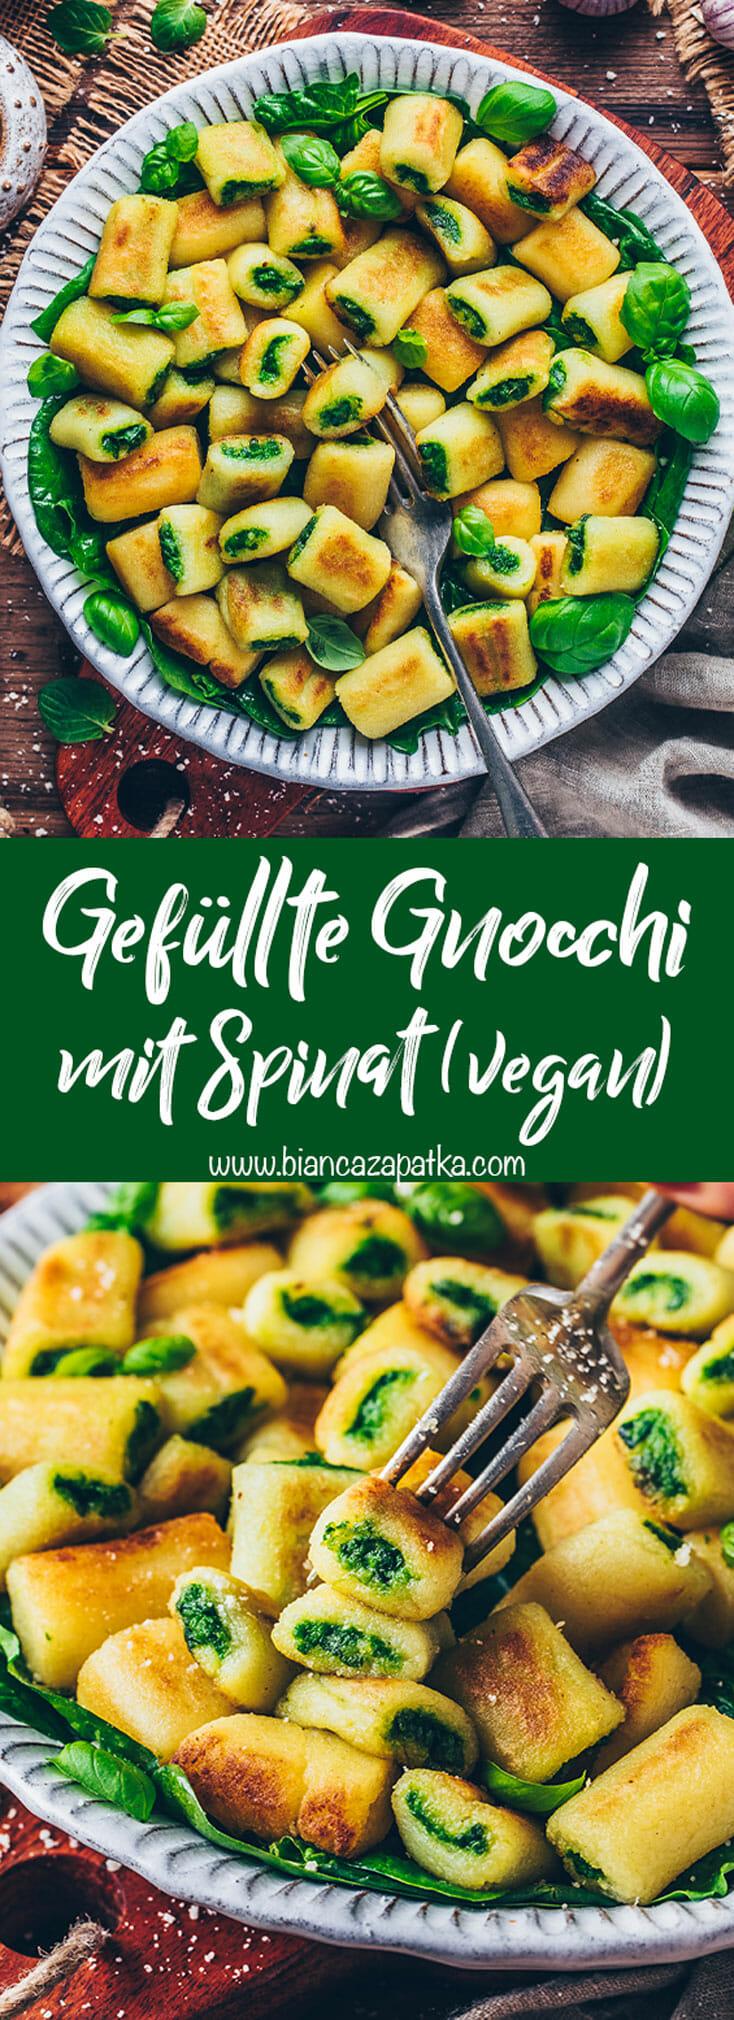 Gefüllte Gnocchi (Mini Kartoffel-Knödel) mit Spinat Pesto